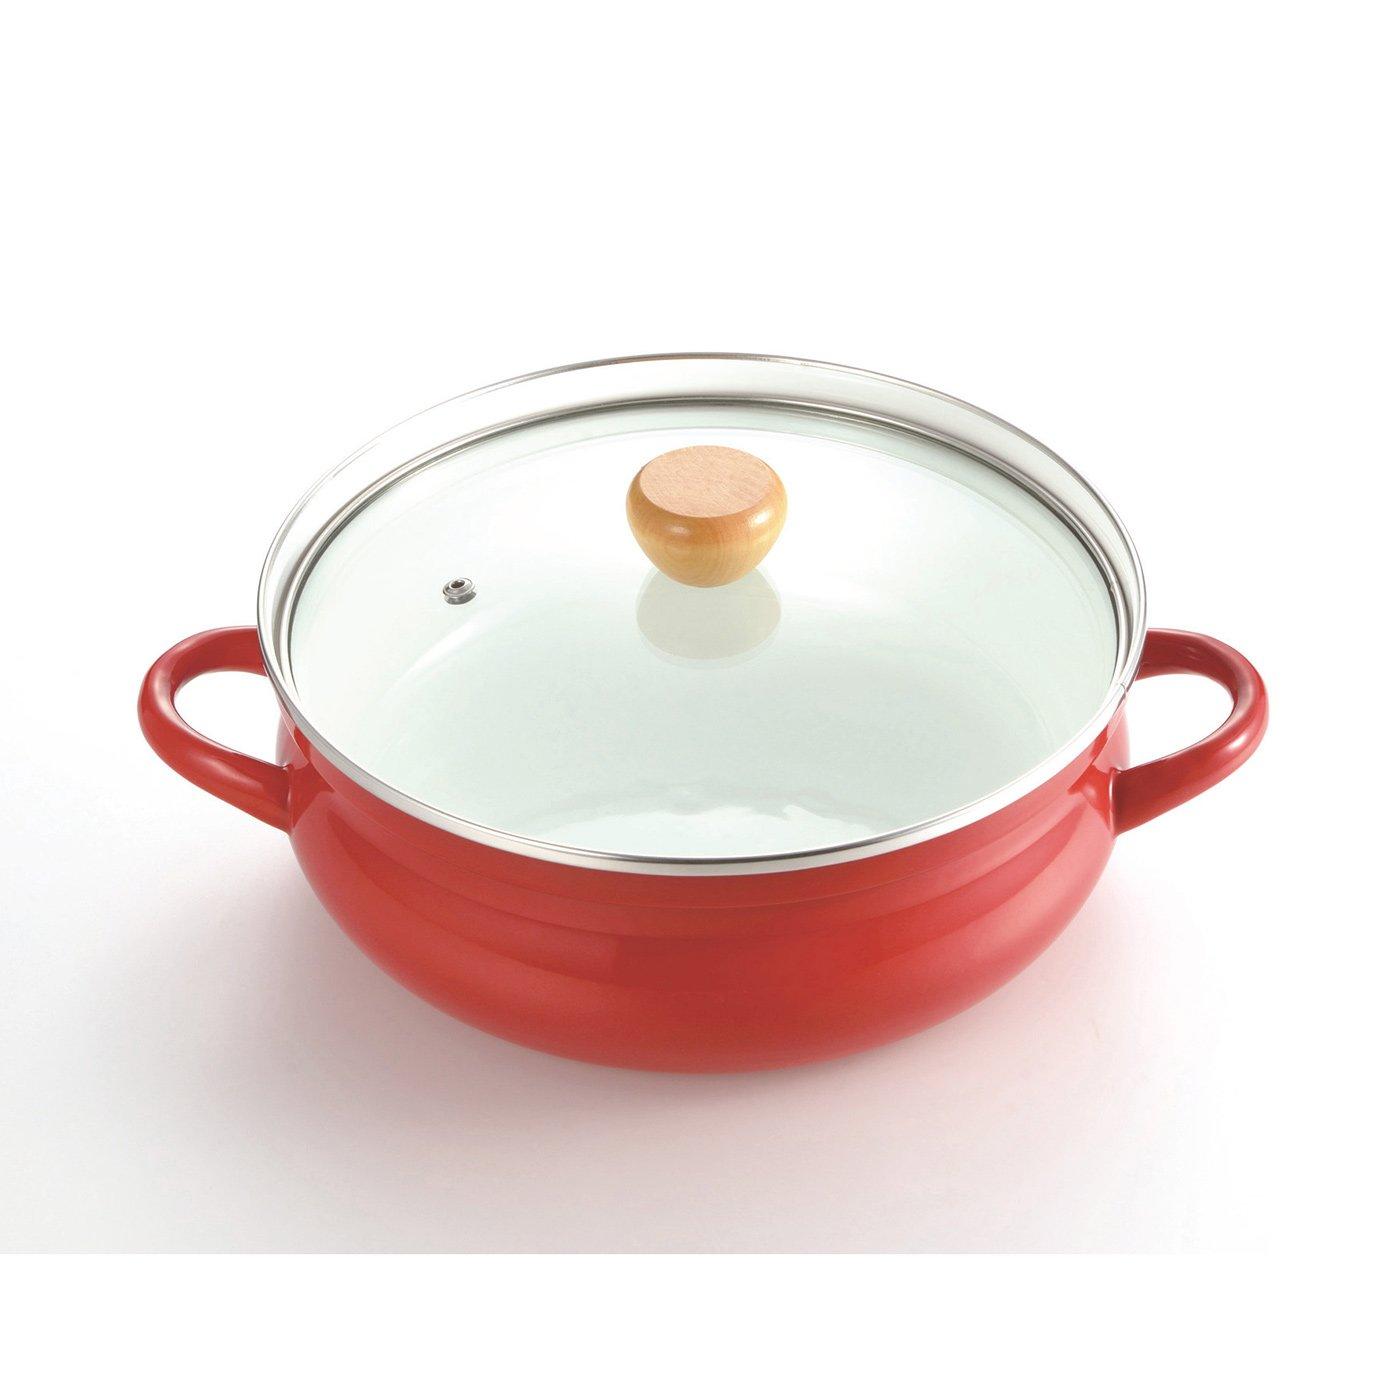 赤色が食卓を彩る ガス火でもIHでも使えるホーローよせしゃぶ鍋〈26cm〉